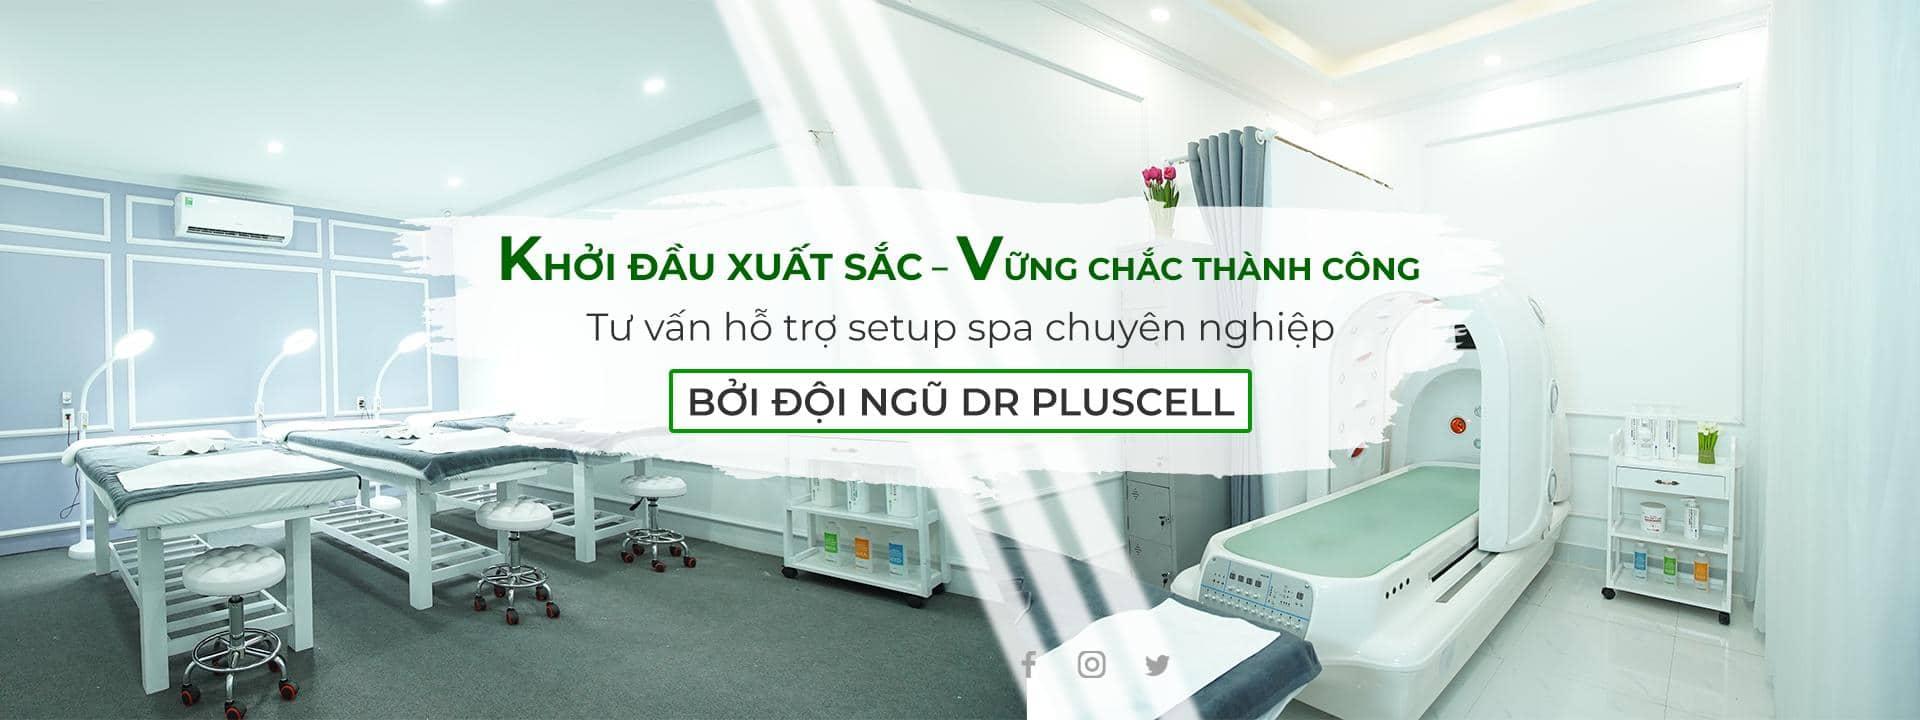 banner tư vấn setup spa